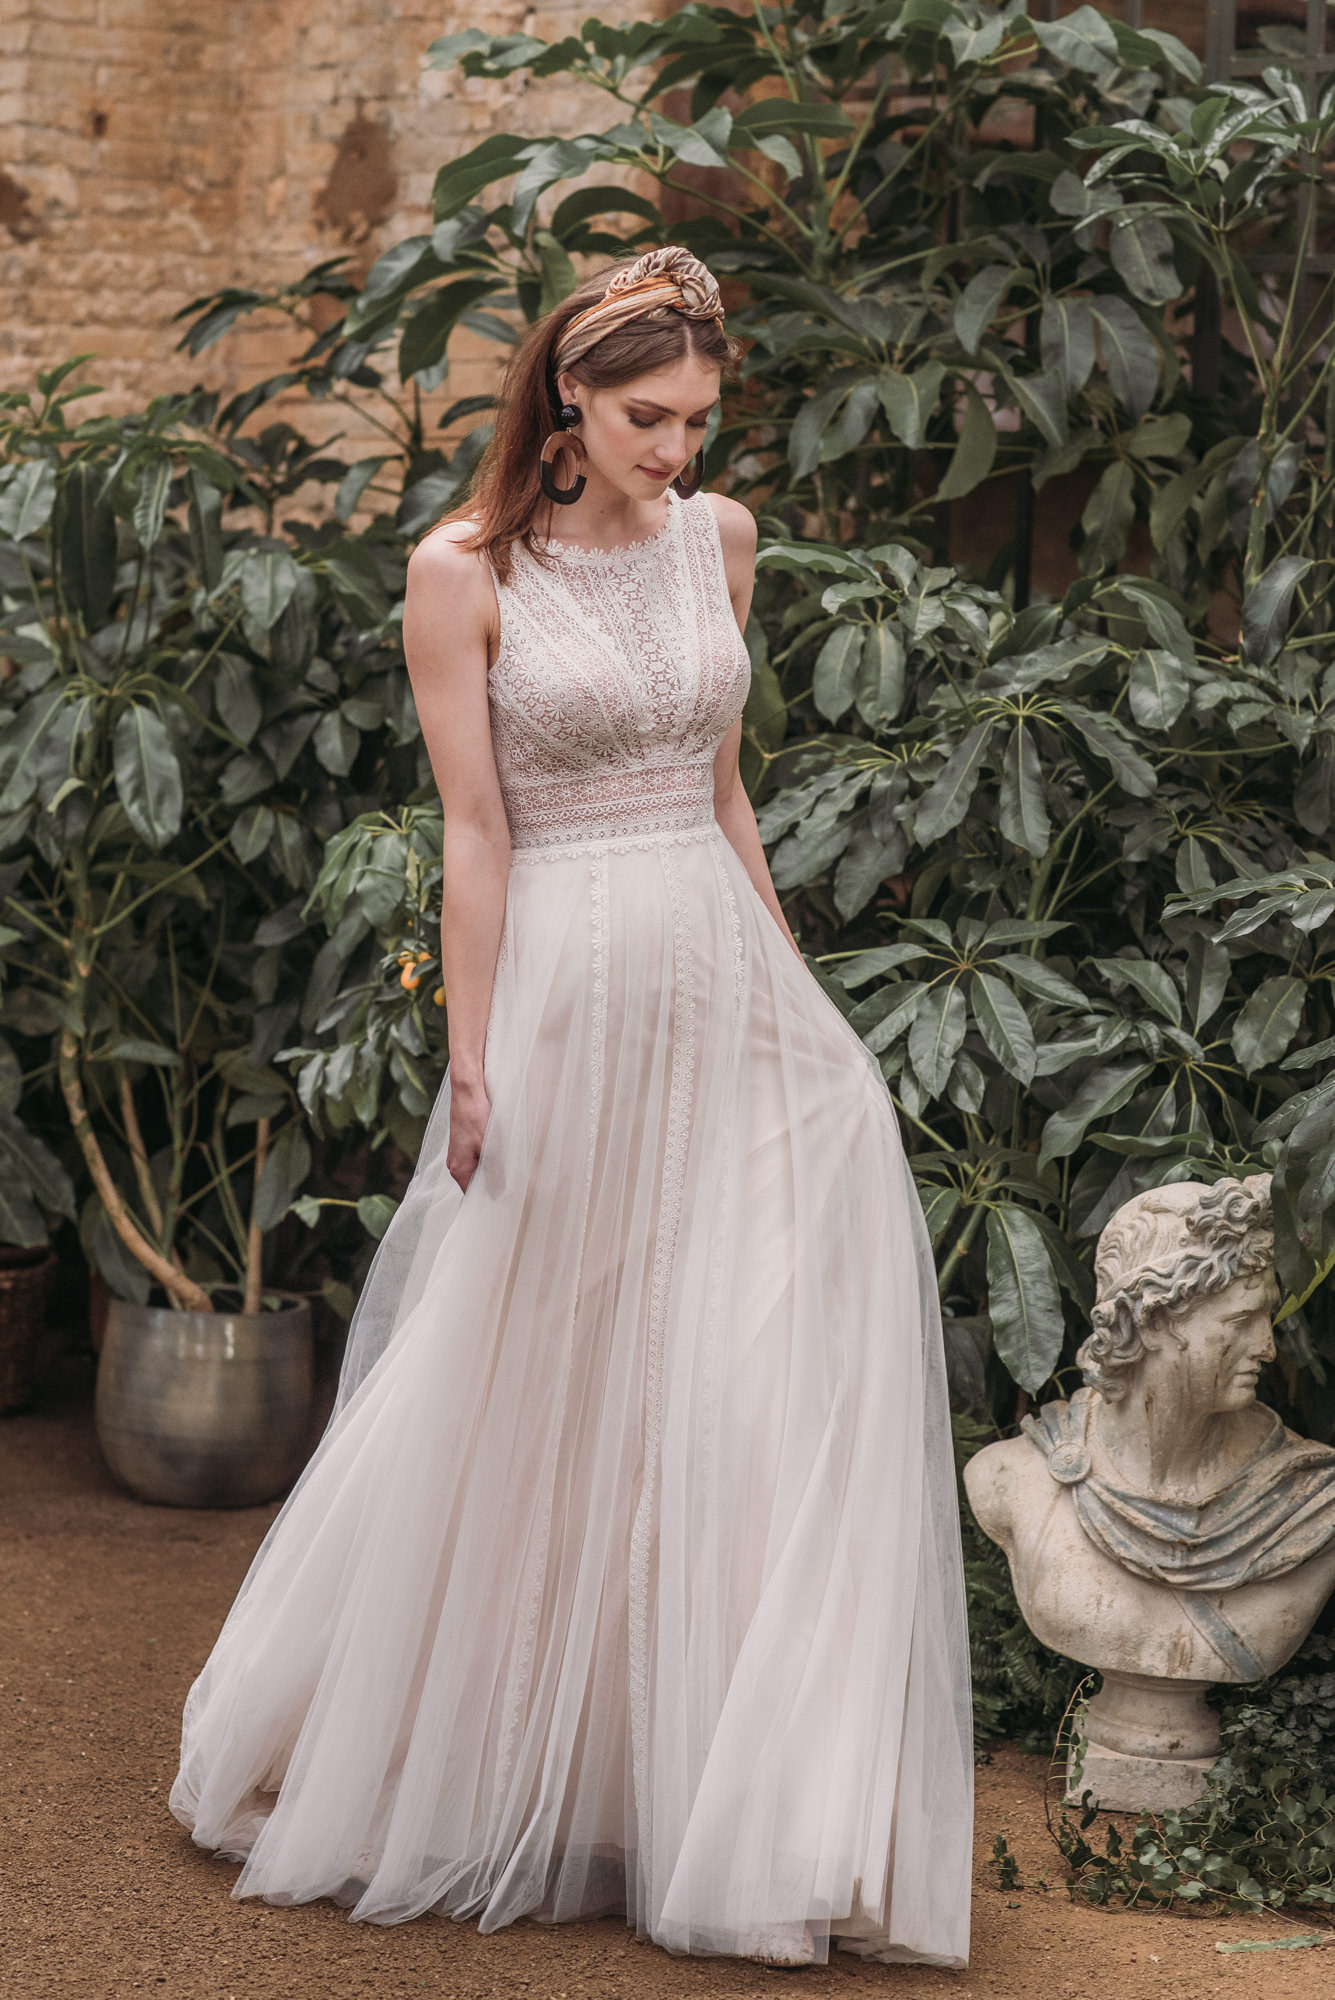 Vestido novia 5817 de fara sposa